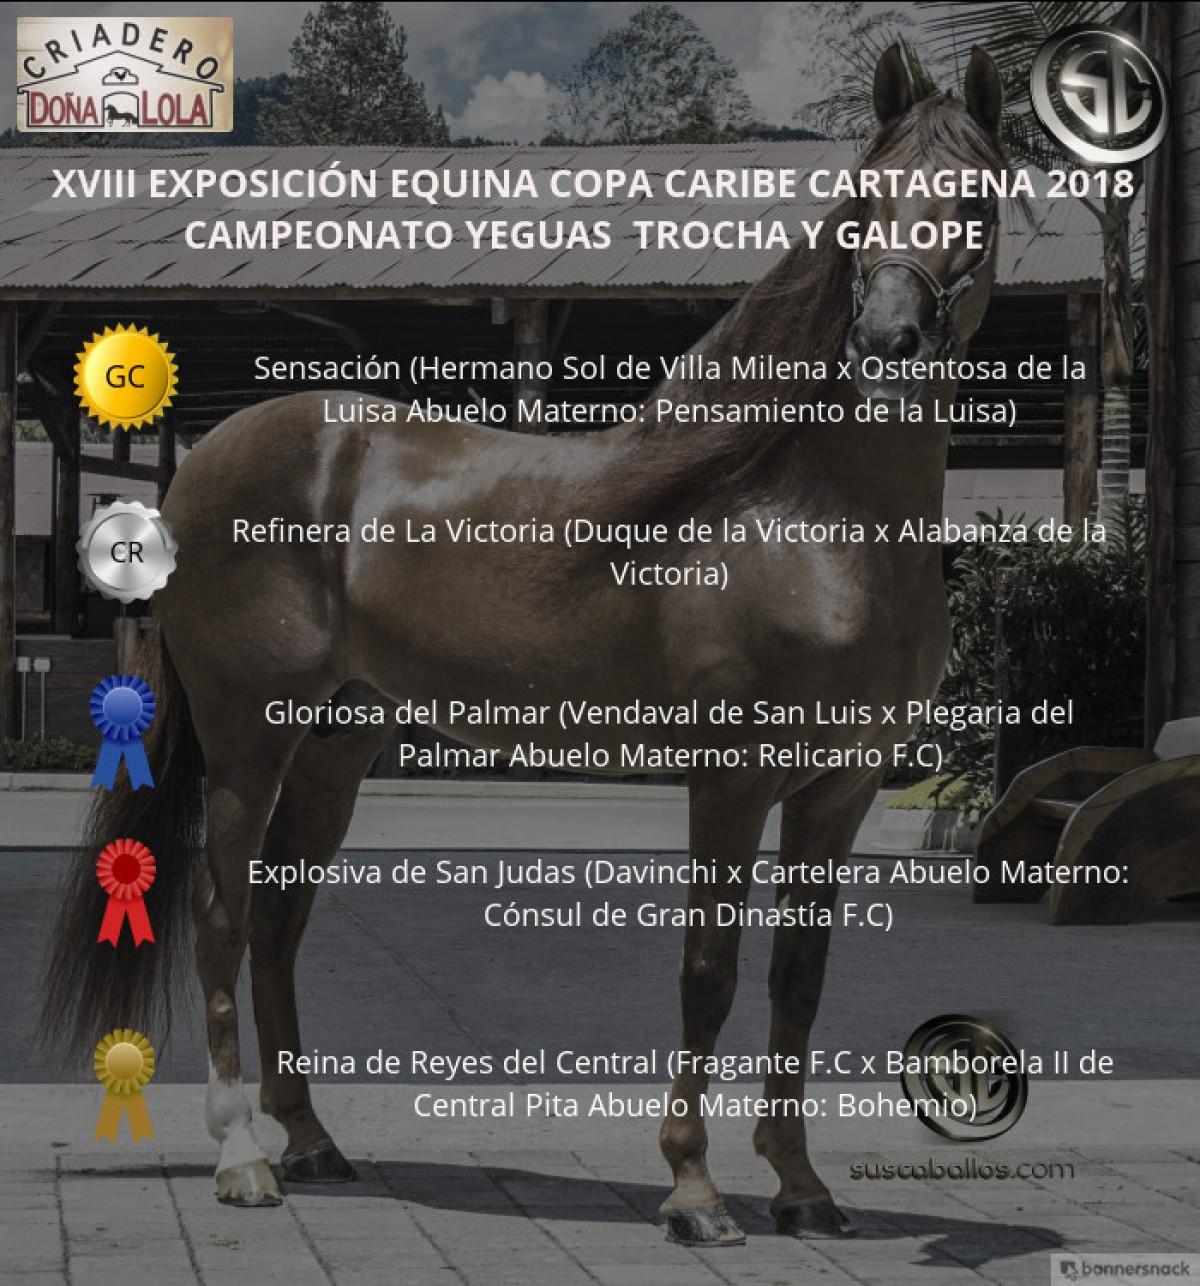 VÍDEO:Sensación Campeona,Refinera Reservada,Trocha Y Galope,Copa Caribe Cartagena